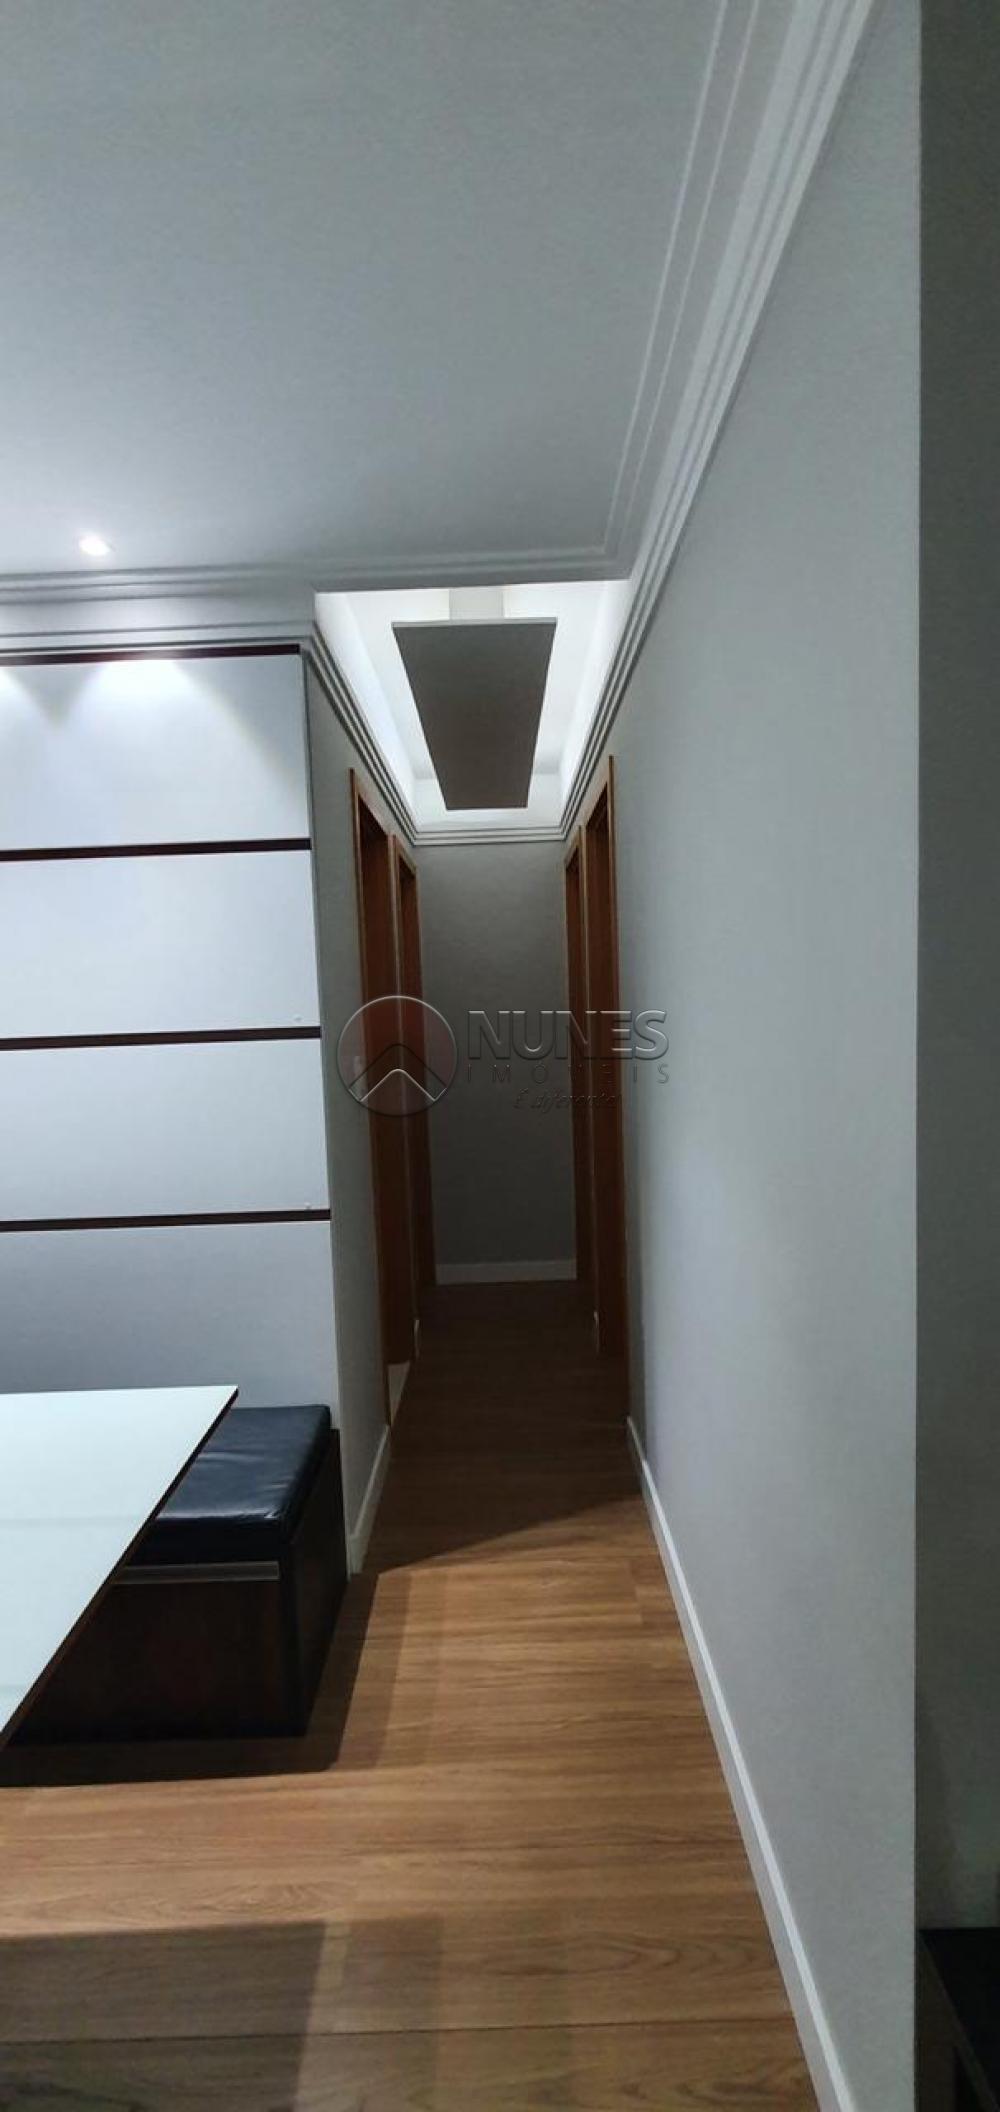 Comprar Apartamento / Padrão em São Paulo apenas R$ 405.000,00 - Foto 5